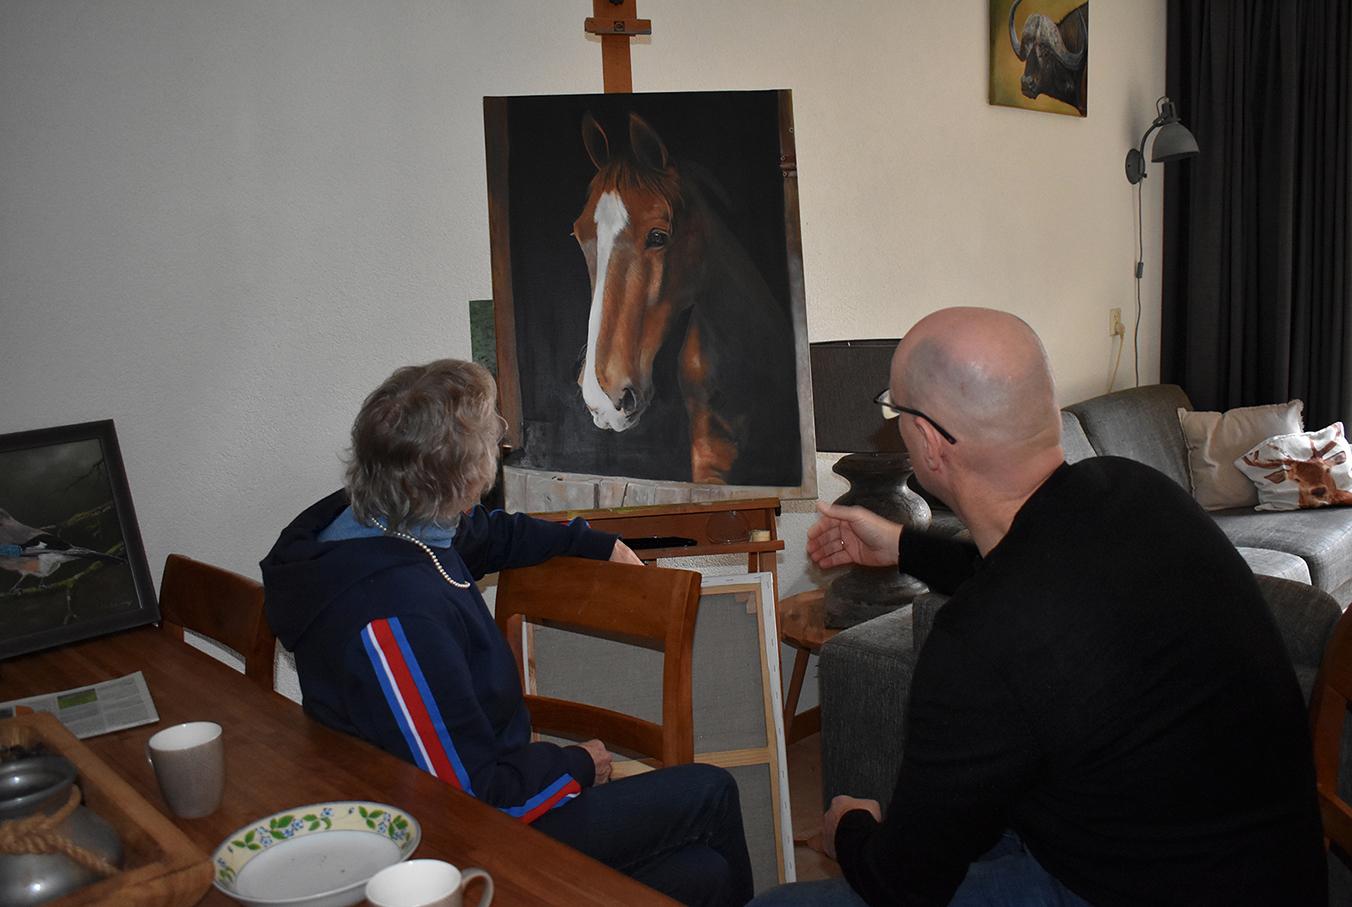 Ook Fransien is zeer onder de indruk van Willem Souverijn zijn schilderkunst - Foto: ©Louis Fraanje